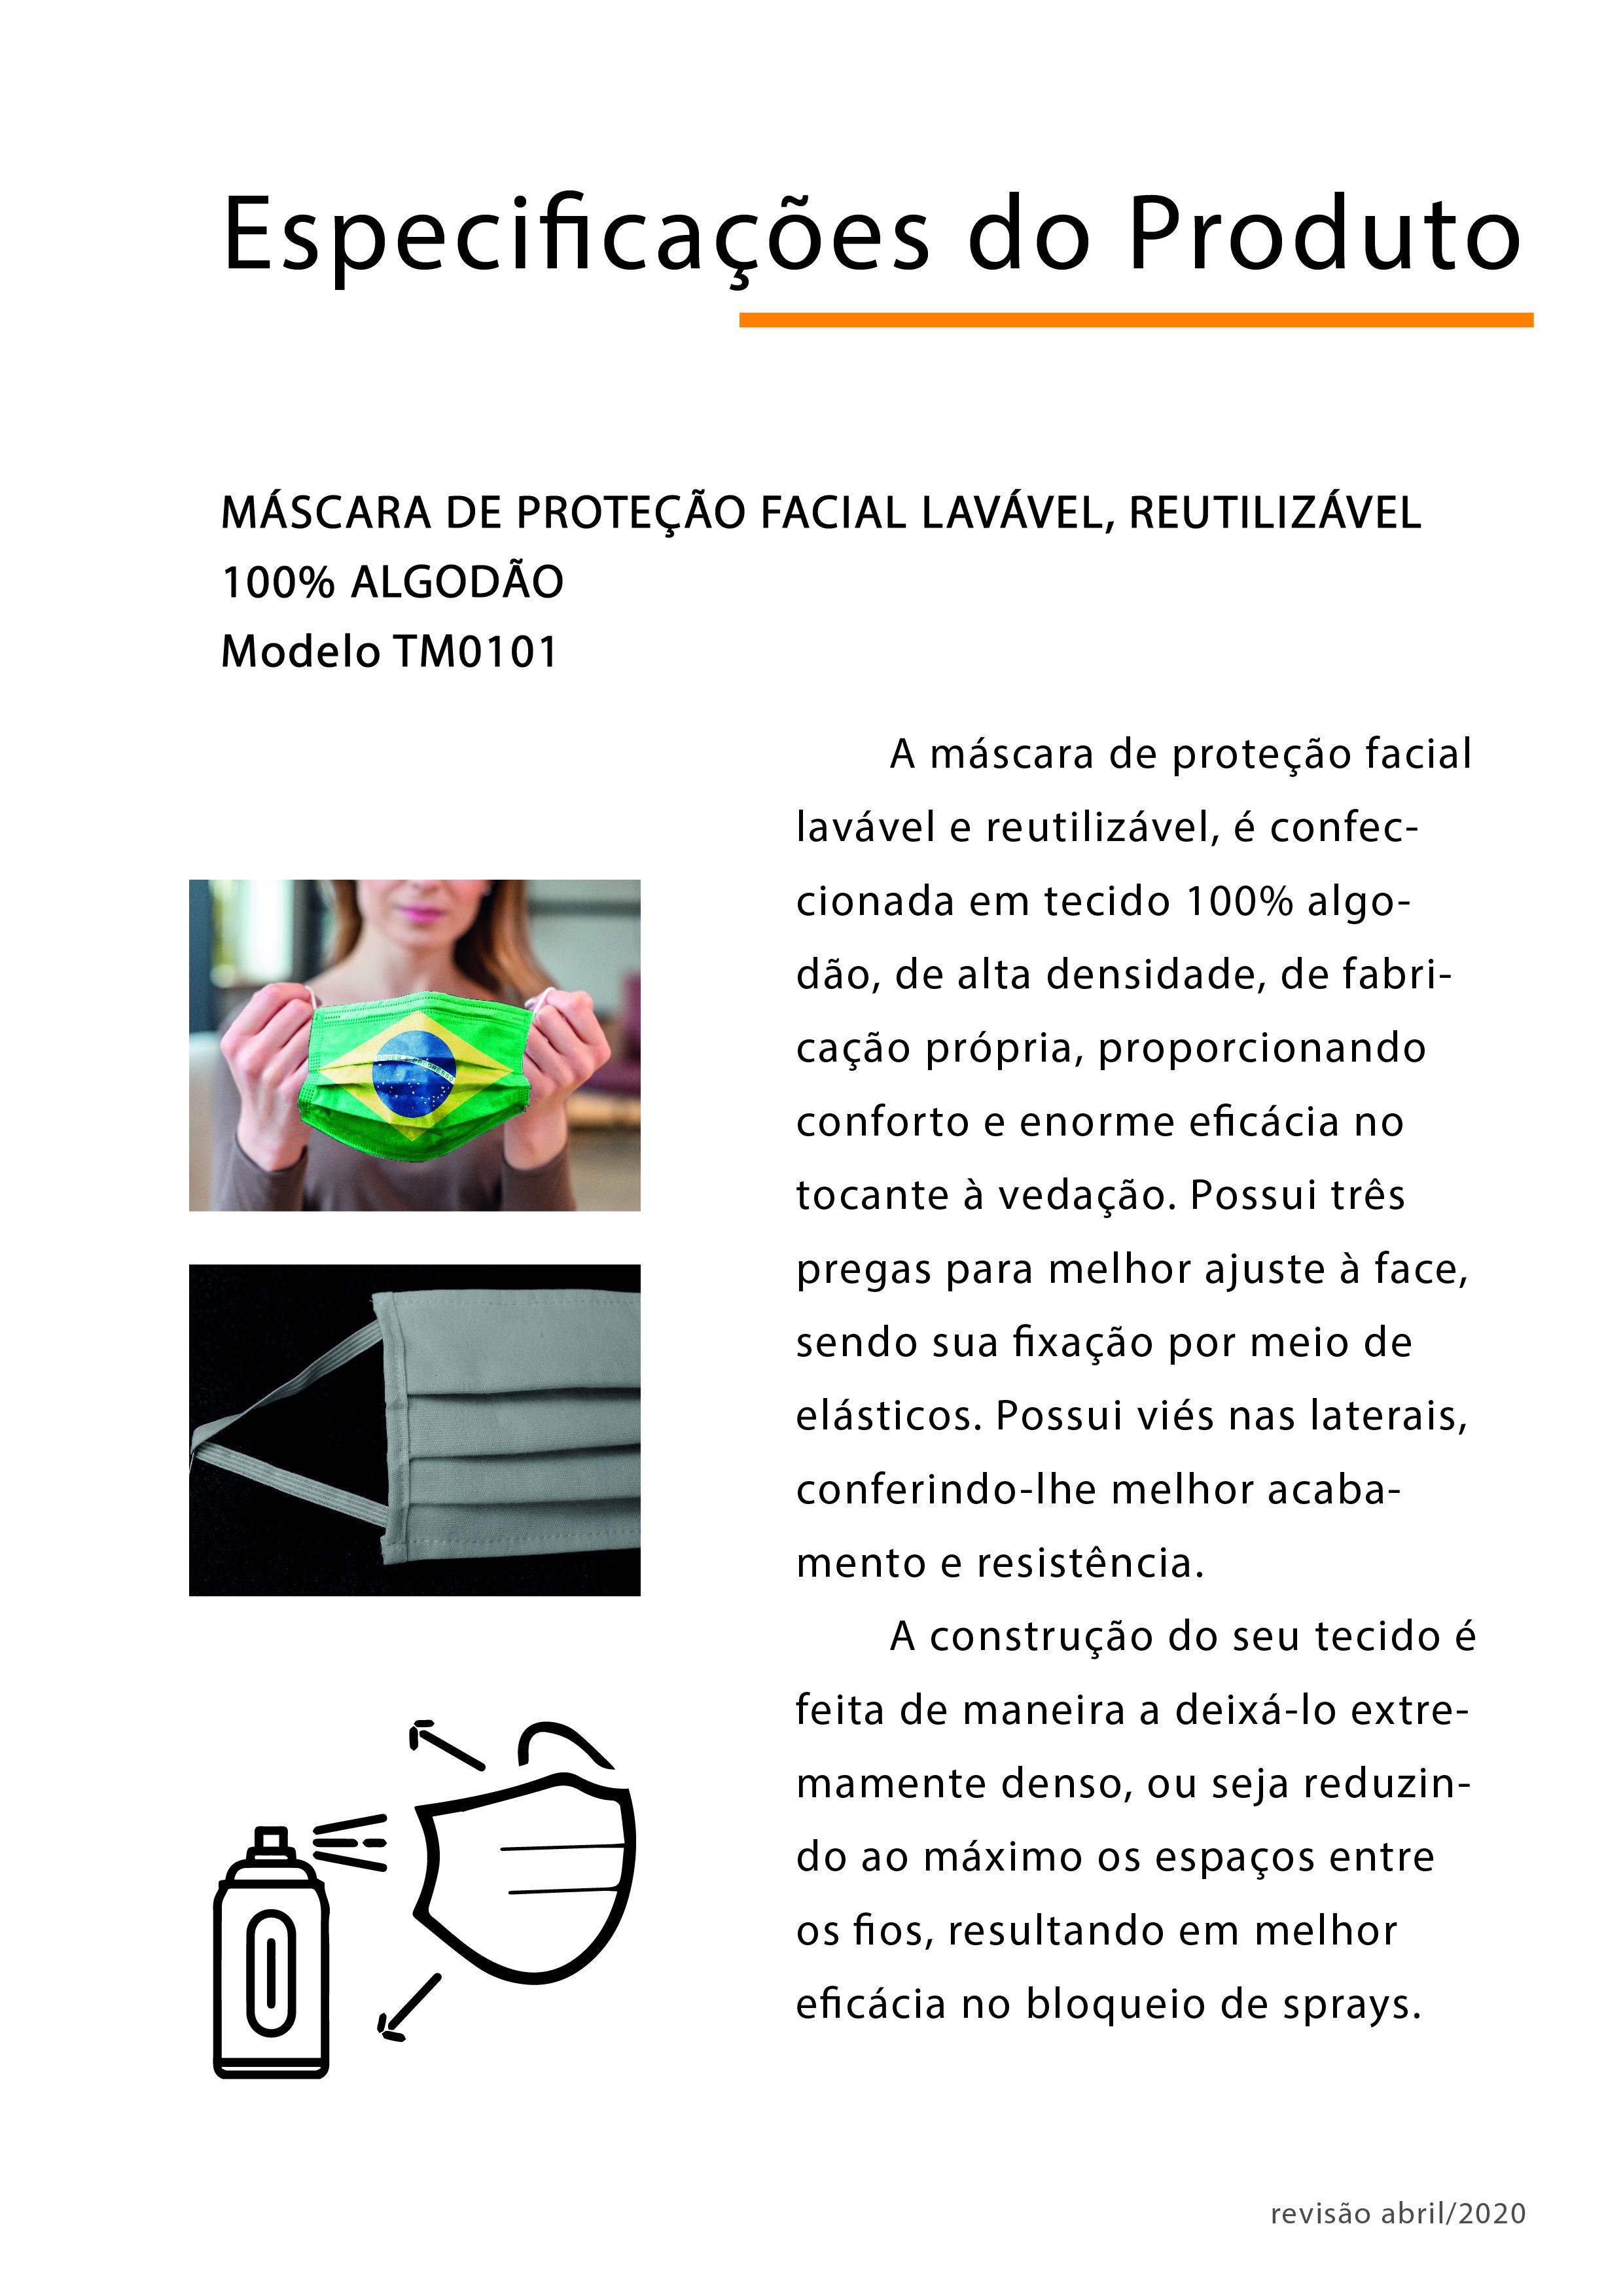 1-PROSPECTO MASCARA-TM0101-02